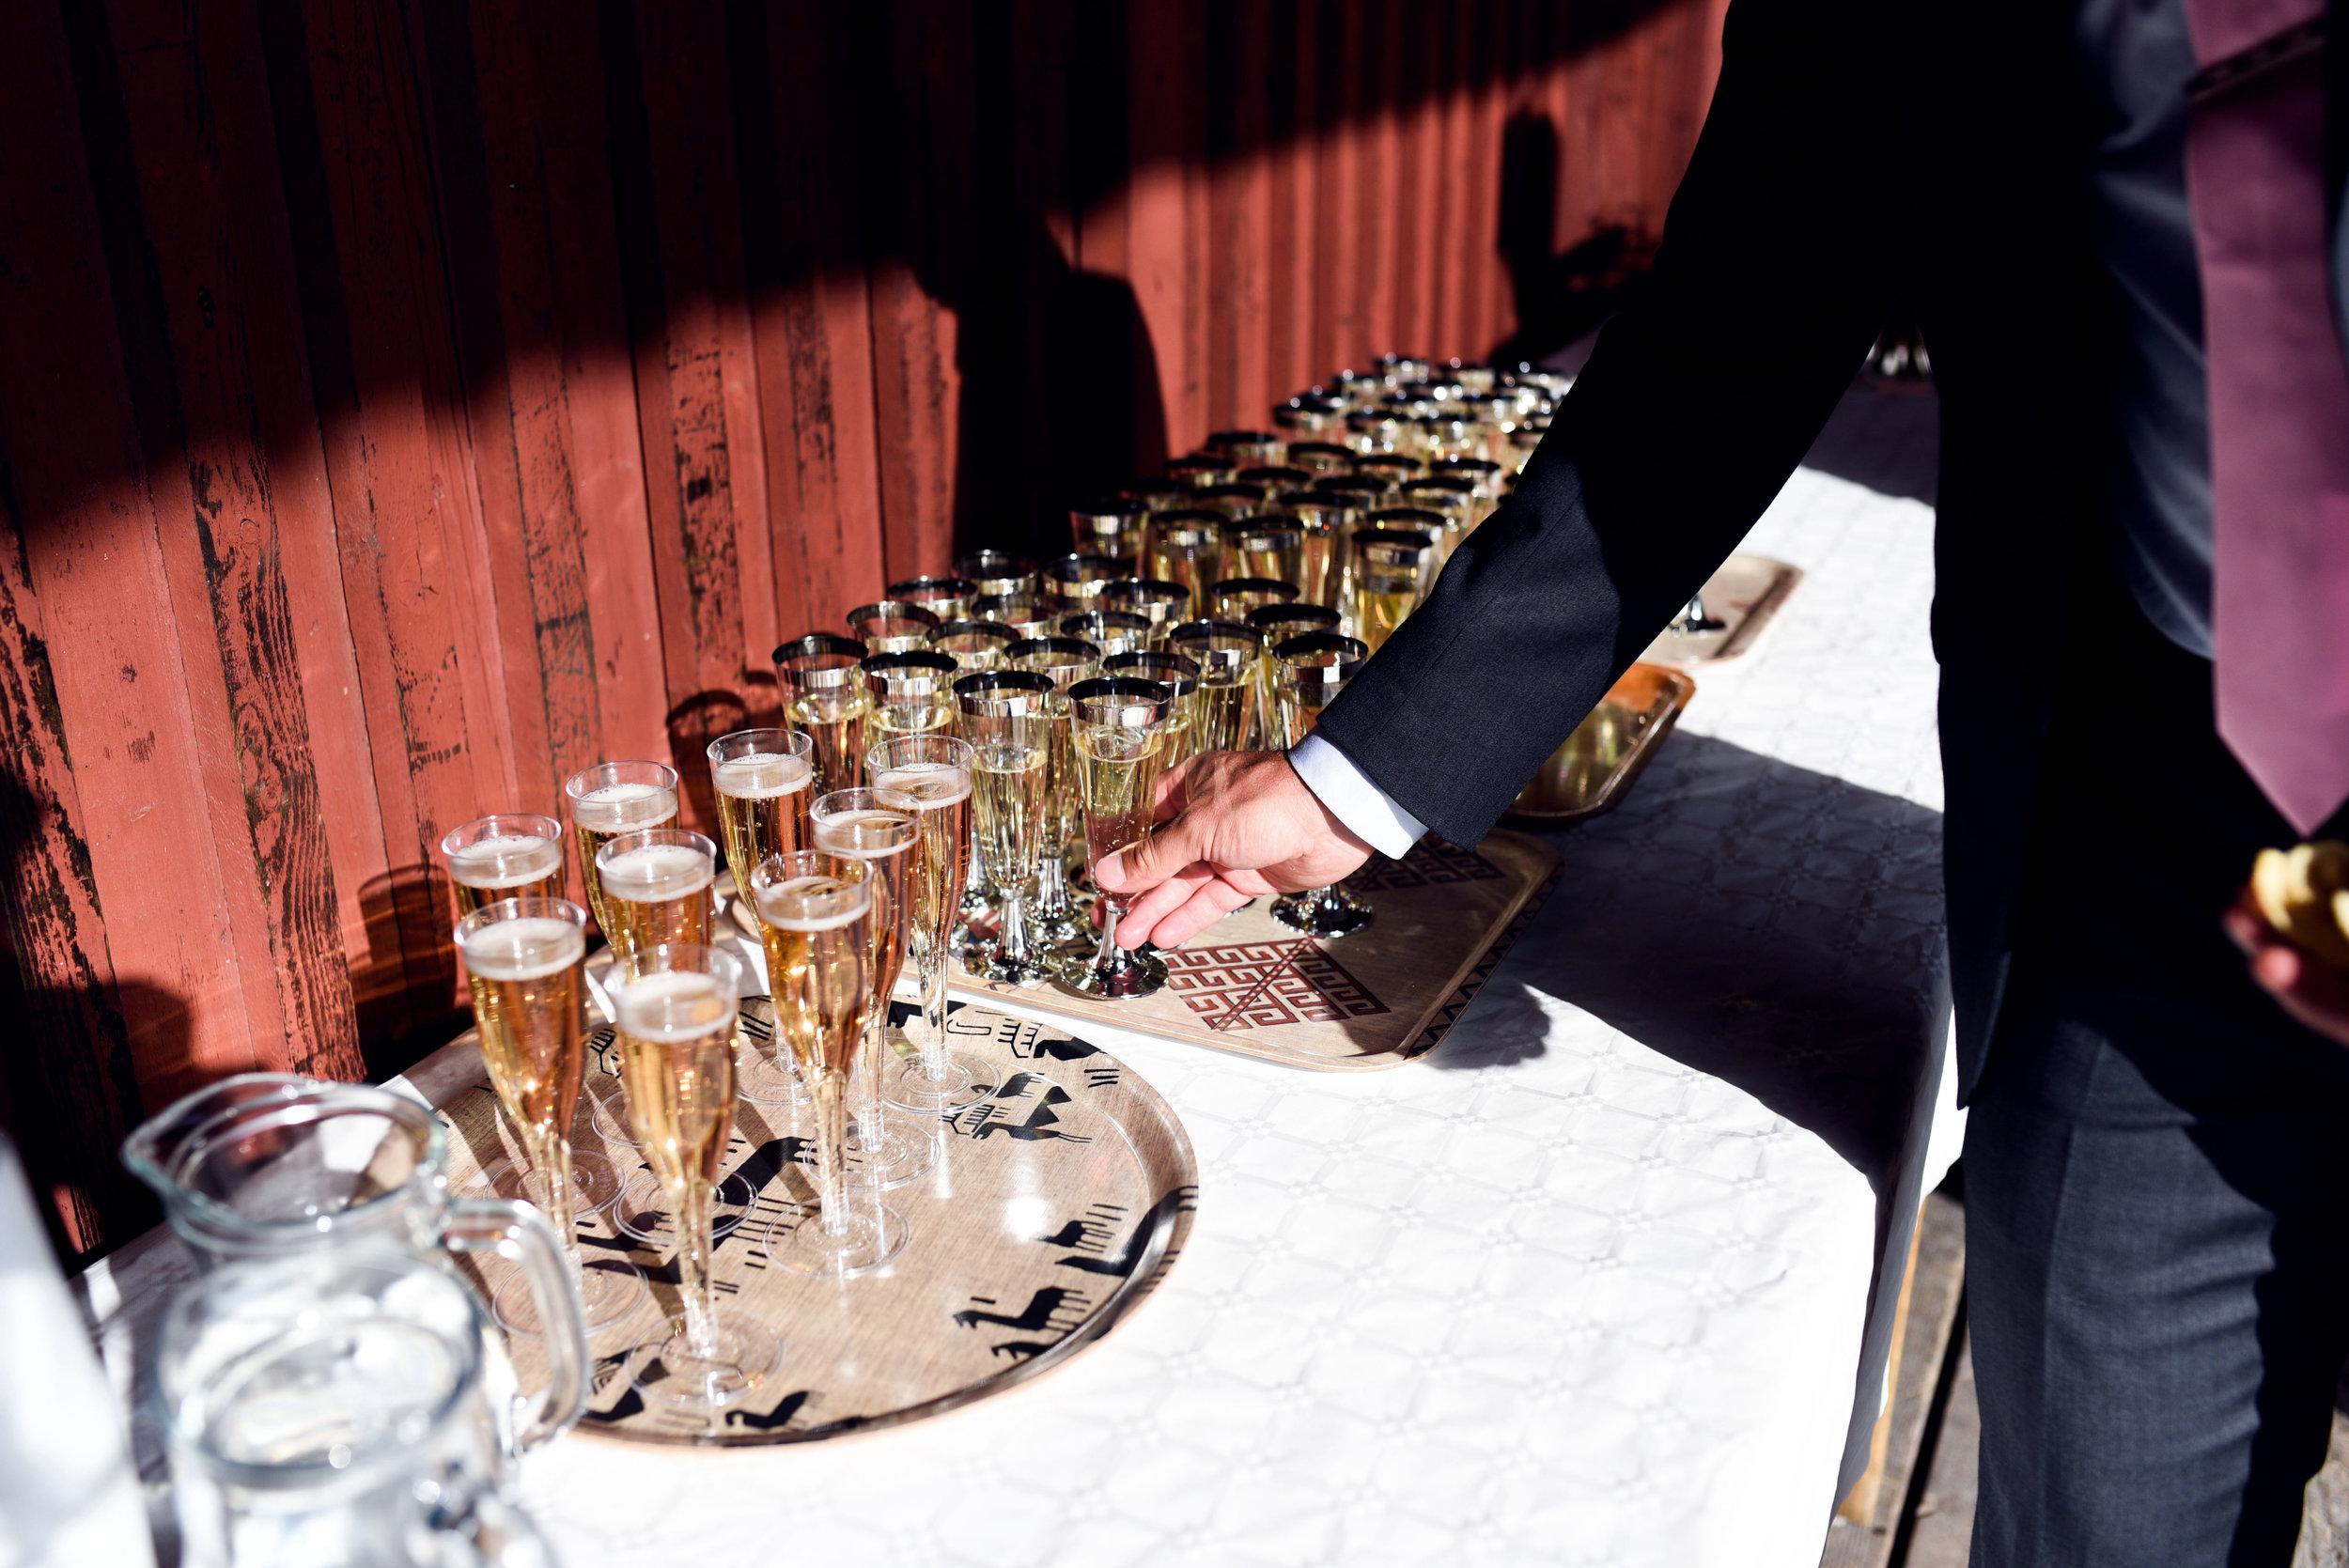 Bröllop2019lågkvall2-5854.jpg